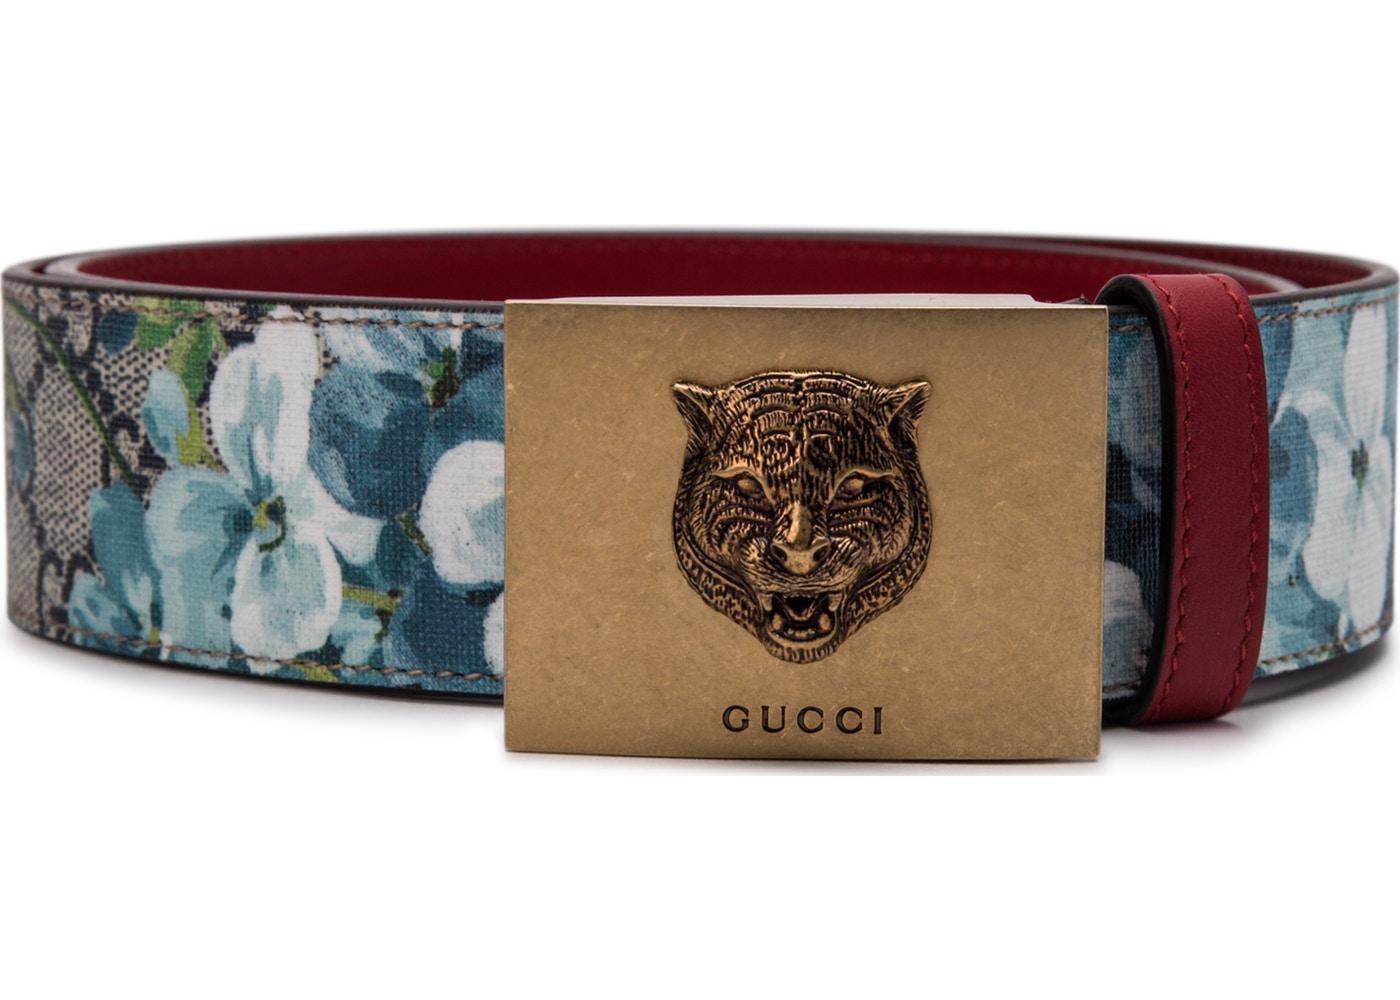 Mua thắt lưng Gucci giá tốt nhất, ưu đãi hấp dẫn tại Gucci Việt Nam